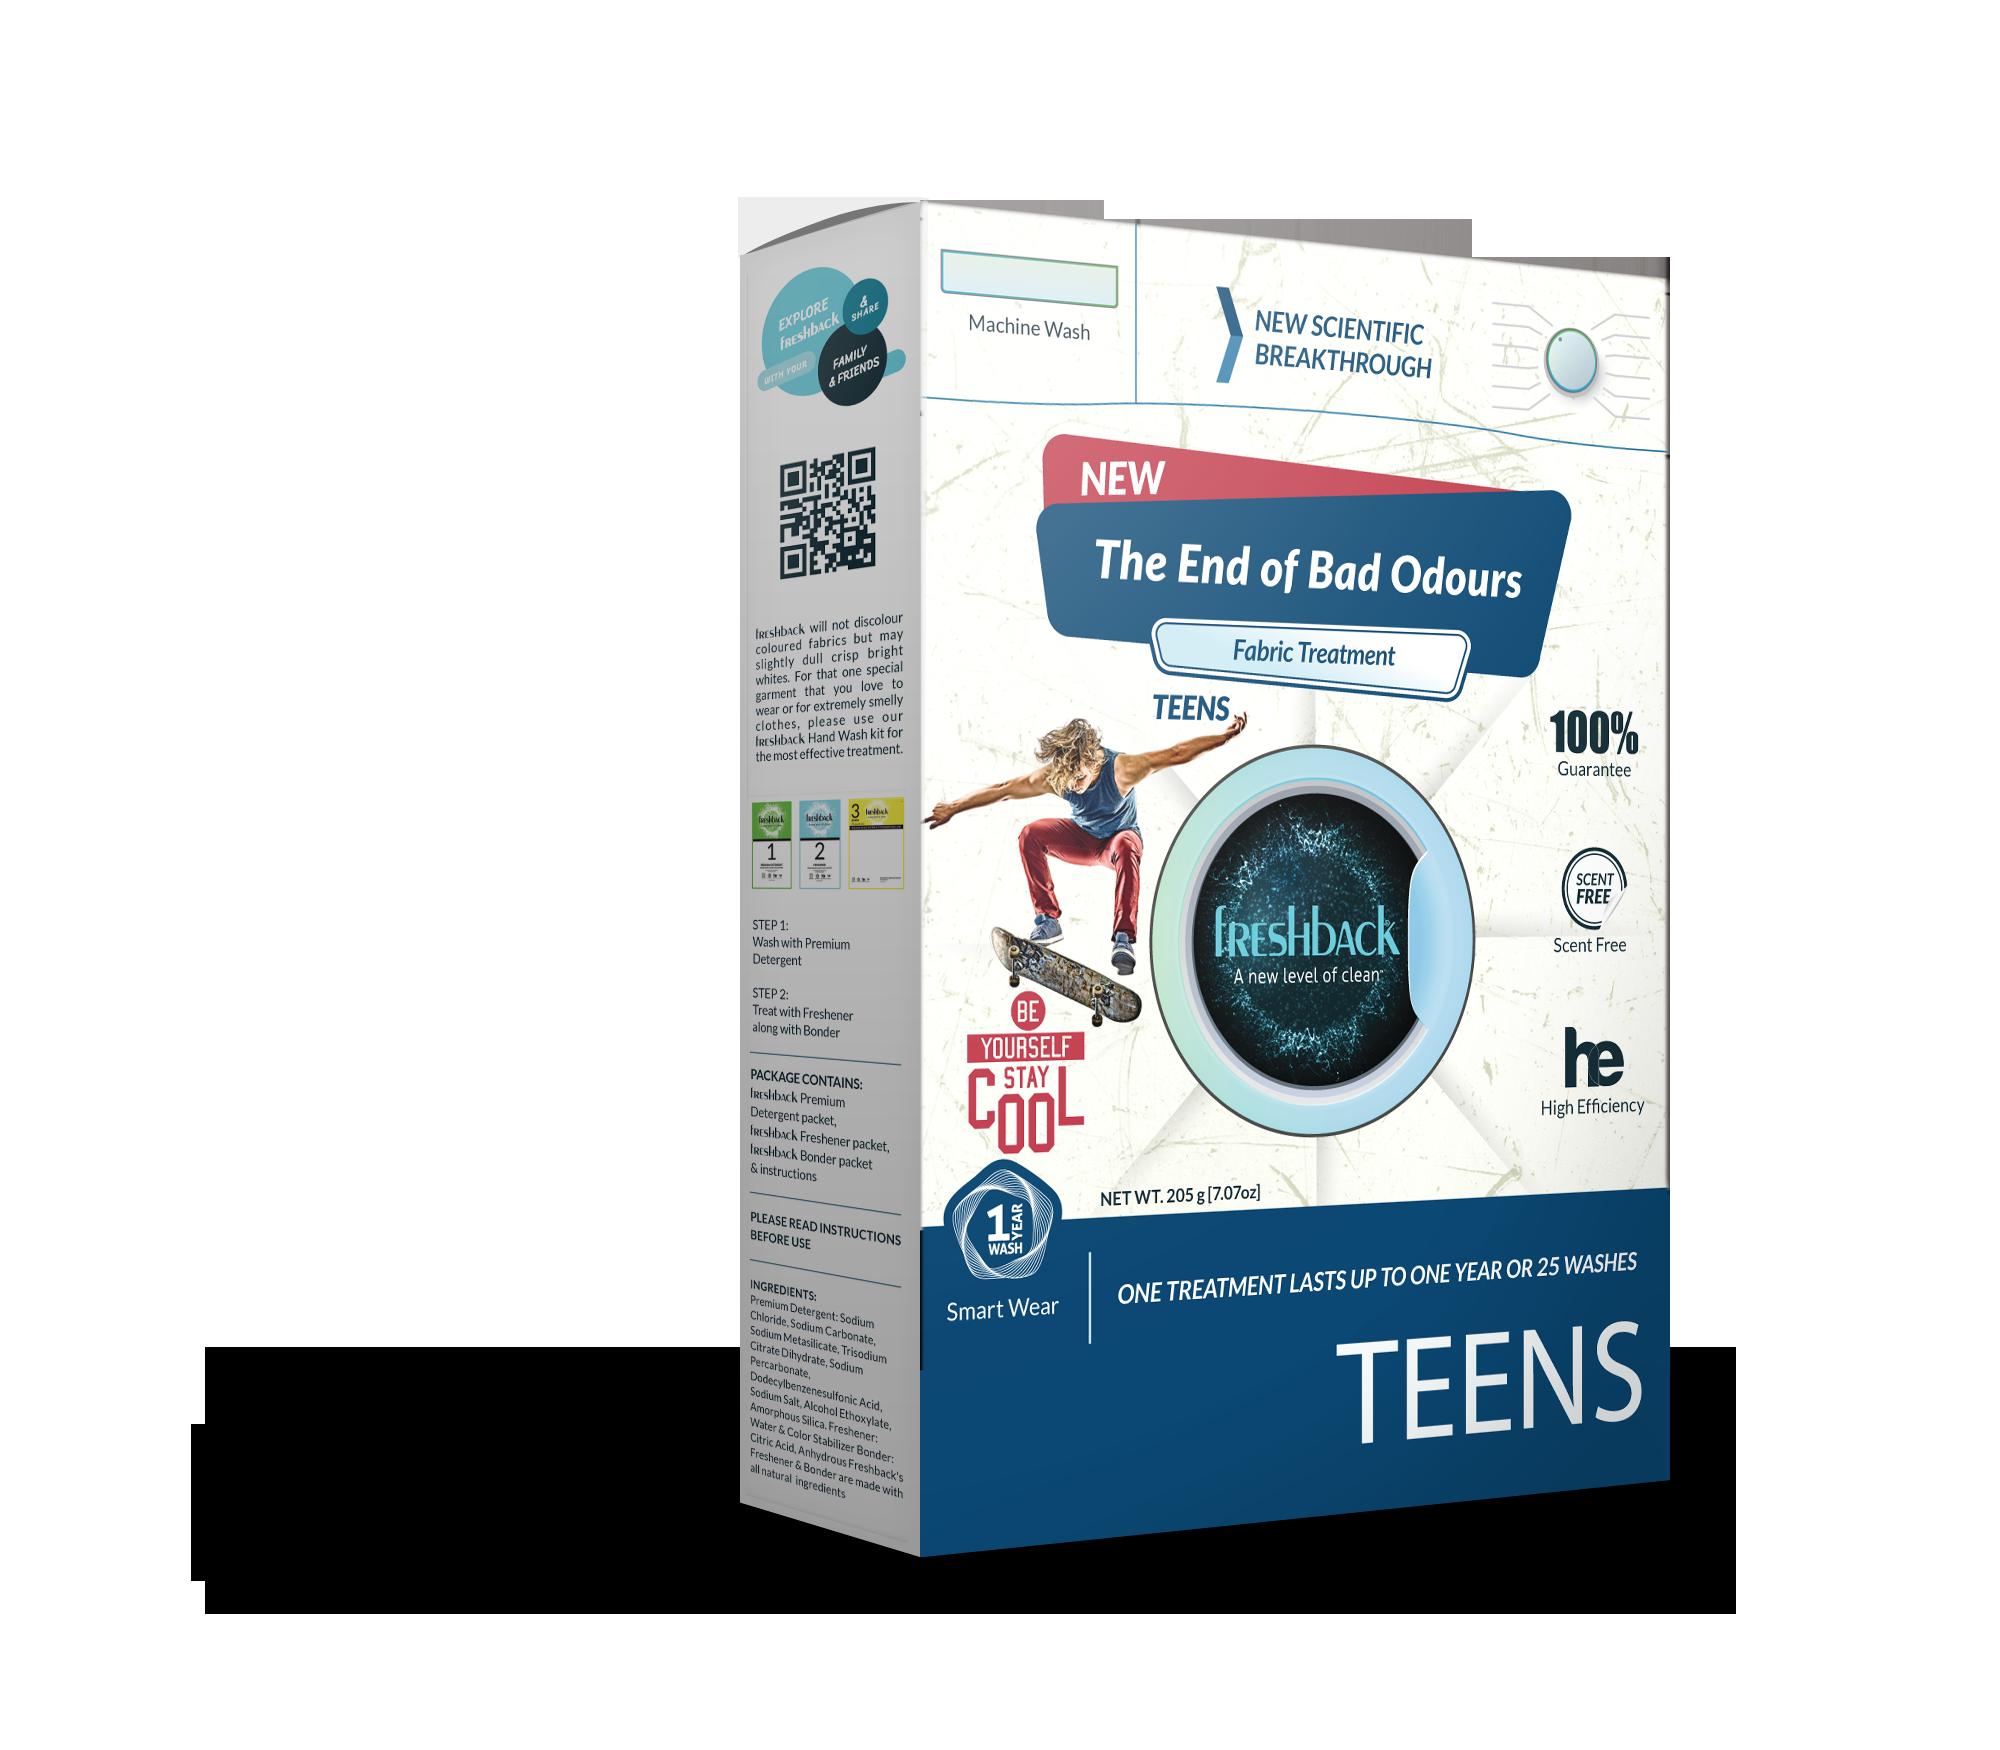 TEENS__MW Package_HR